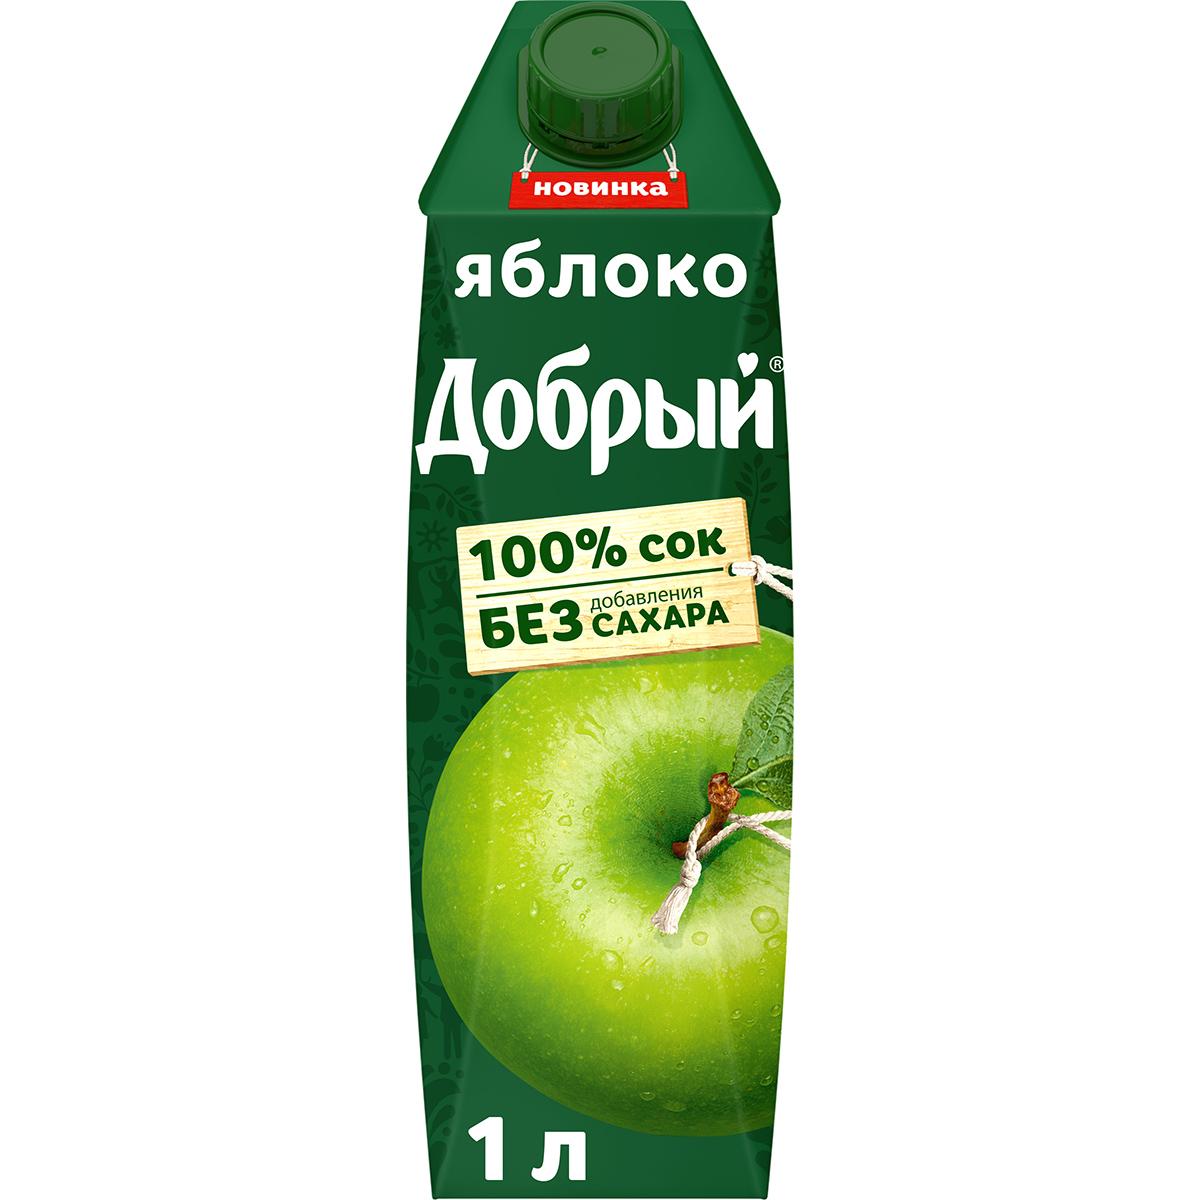 Сок Добрый яблочный осветленный 100% 1 л